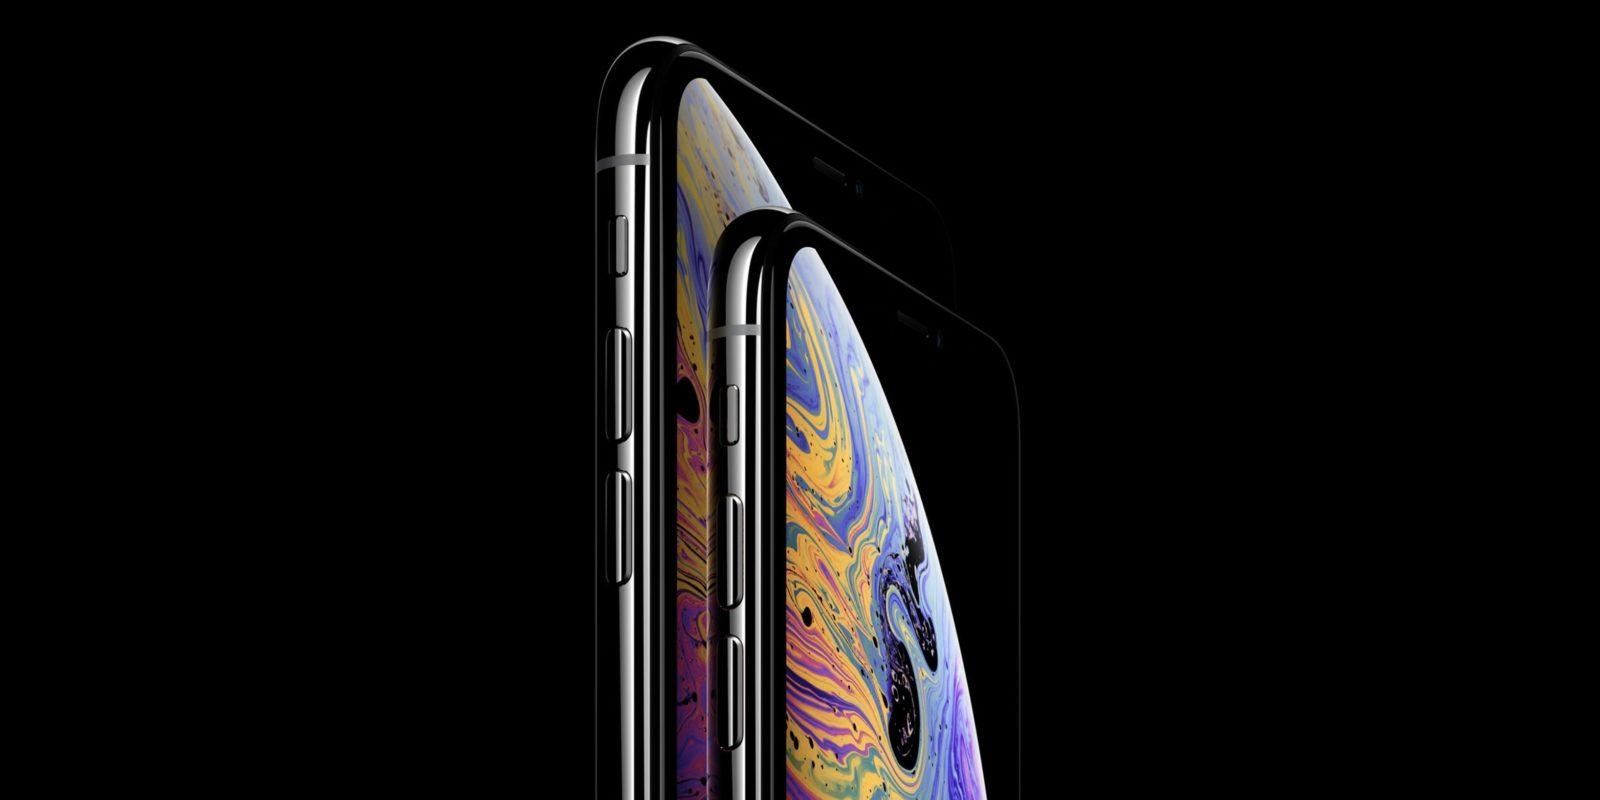 Resta alto l'interesse ad aggiornare modello di iPhone, meno interesse suscita lo streaming Apple